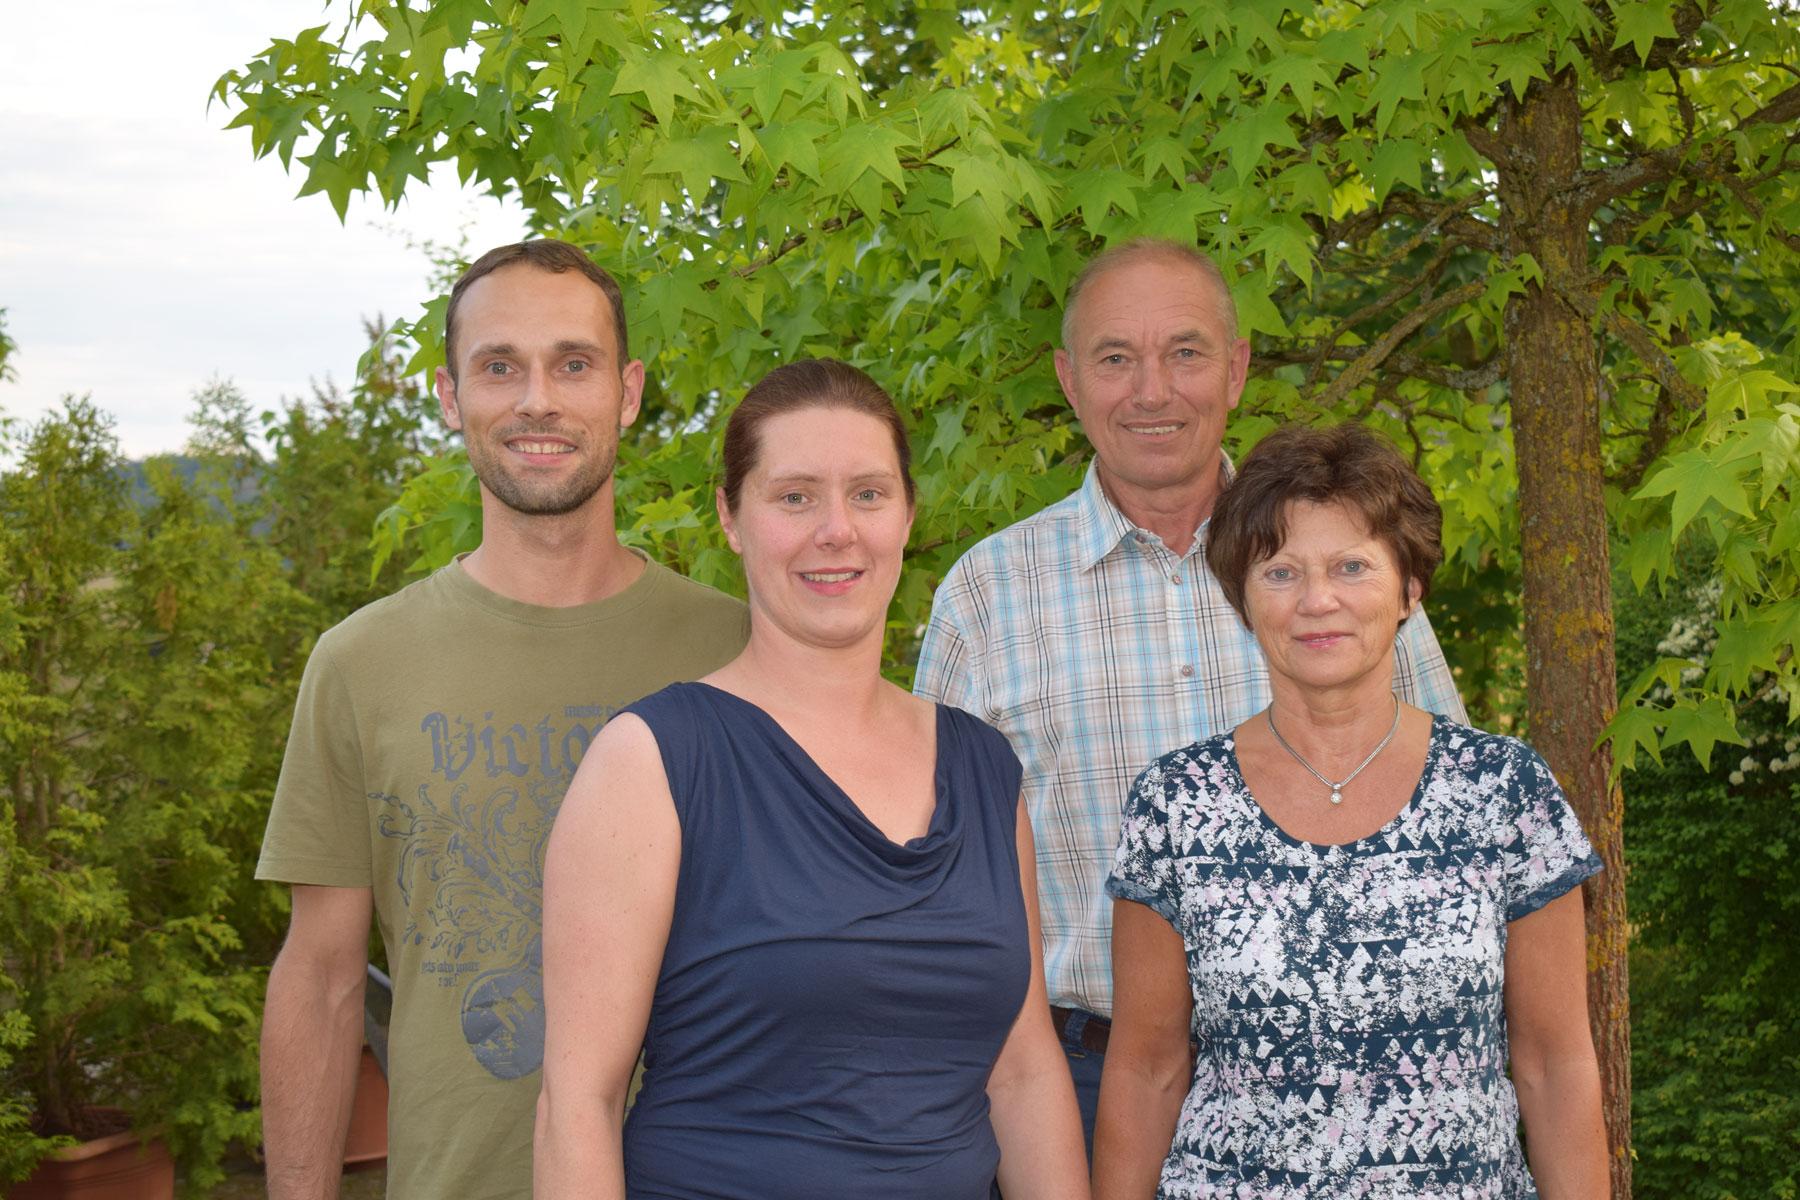 Familie Jöbstel